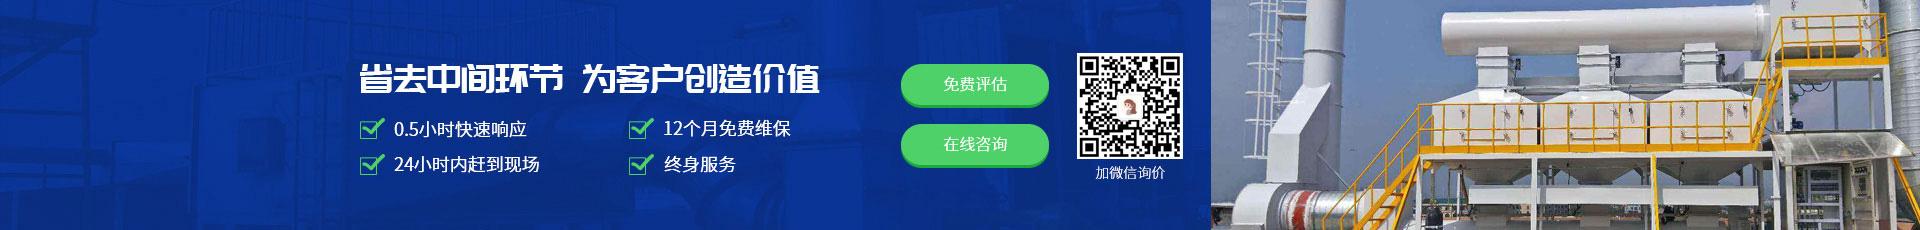 乐虎电子老虎机平台-信誉平台